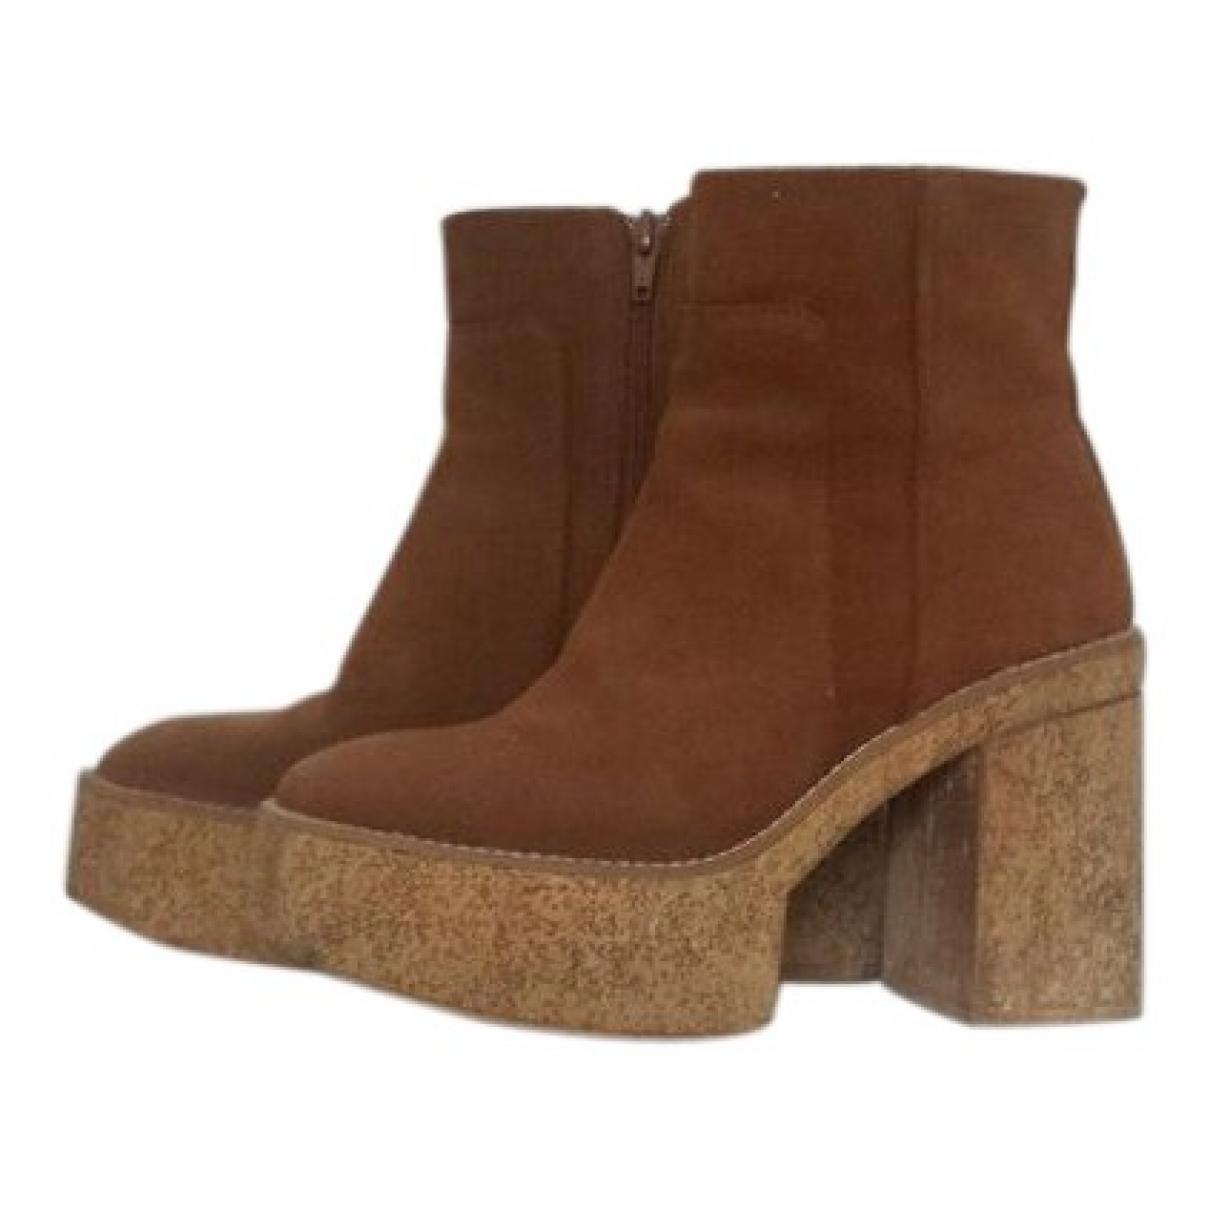 Zara - Boots   pour femme en suede - camel